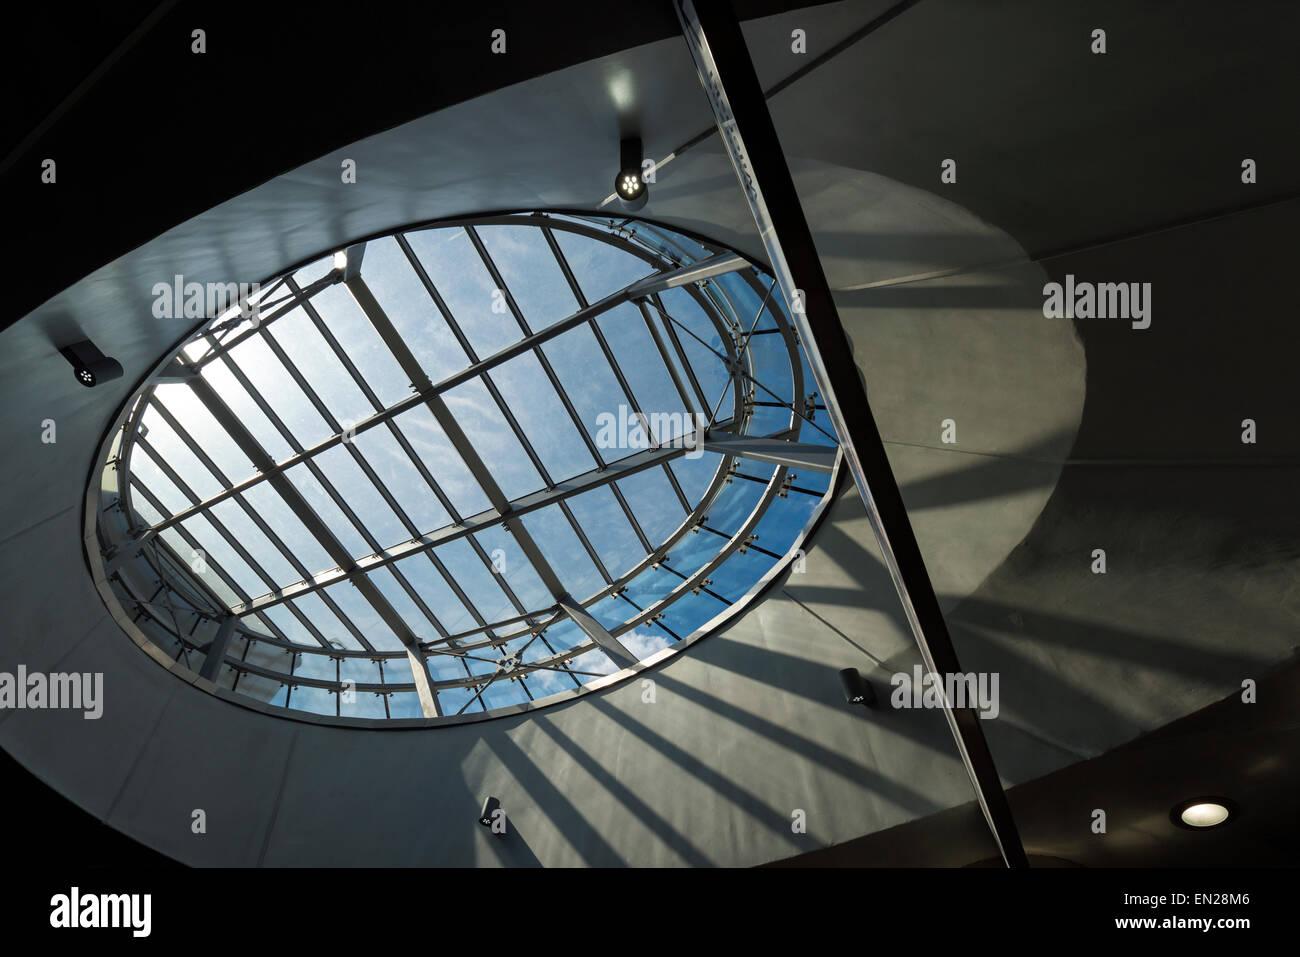 Détail de l'architecture futuriste de la fenêtre de toit ellipse Photo Stock